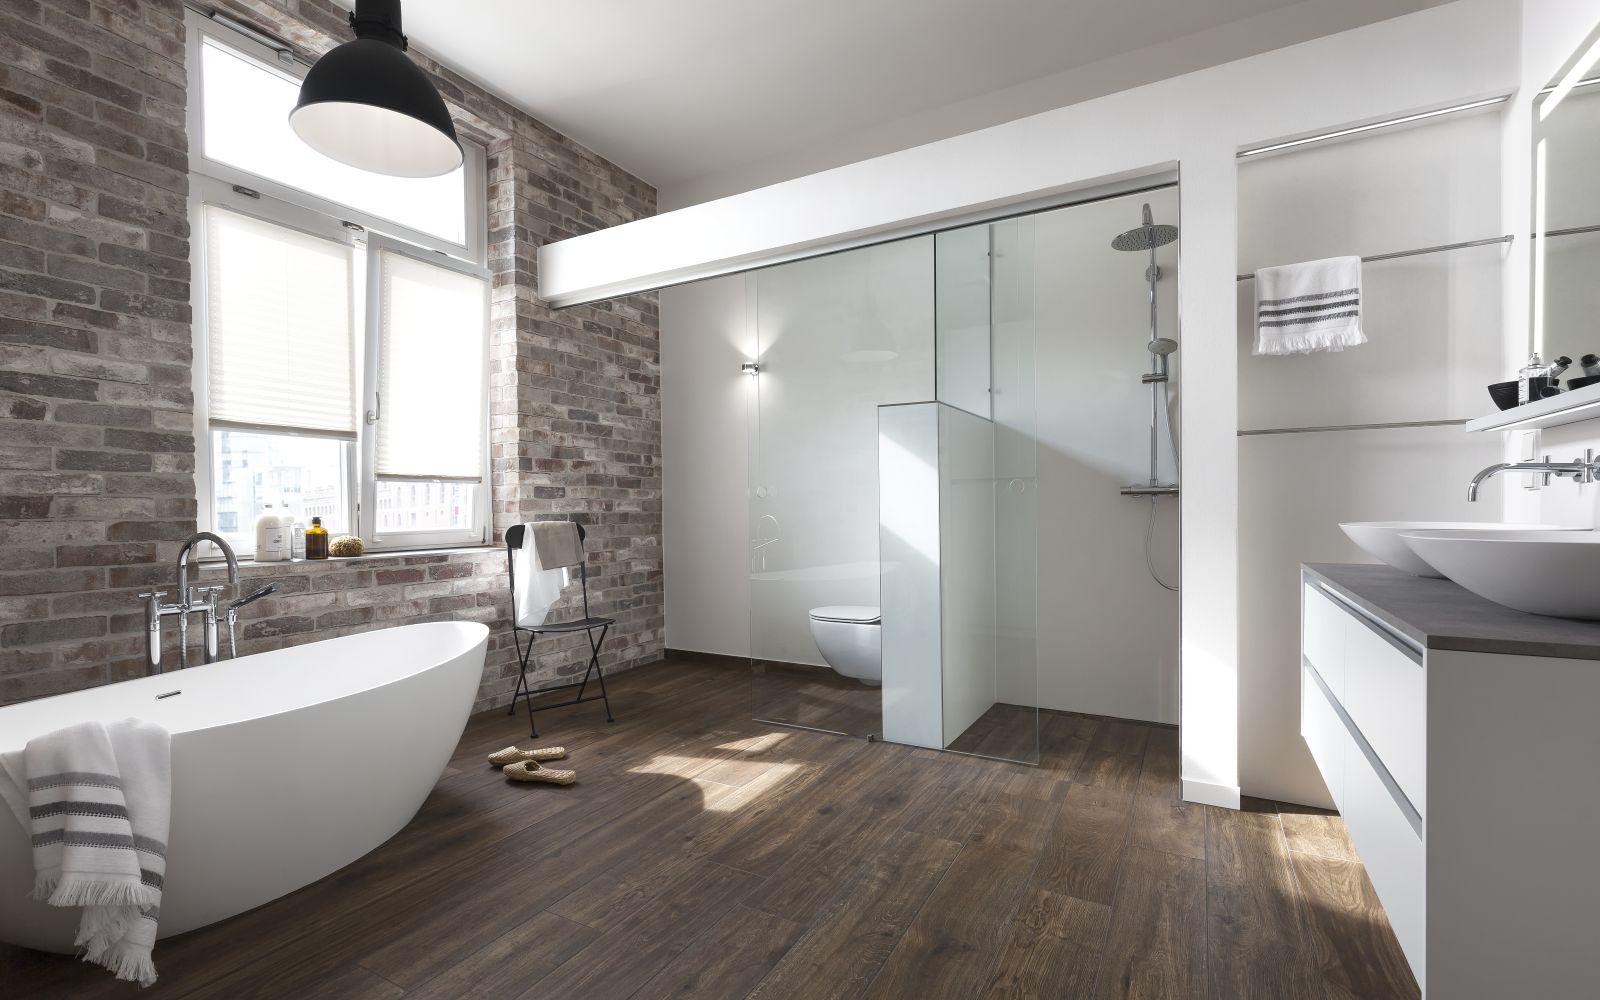 ... Das Badezimmer Nutzen. Entsprechend Sollte Der Stil Des Neuen Bades  Allen Geschmäckern Bestmöglich Gerecht Werden. Das Resultat:  Minimalistische Formen ...